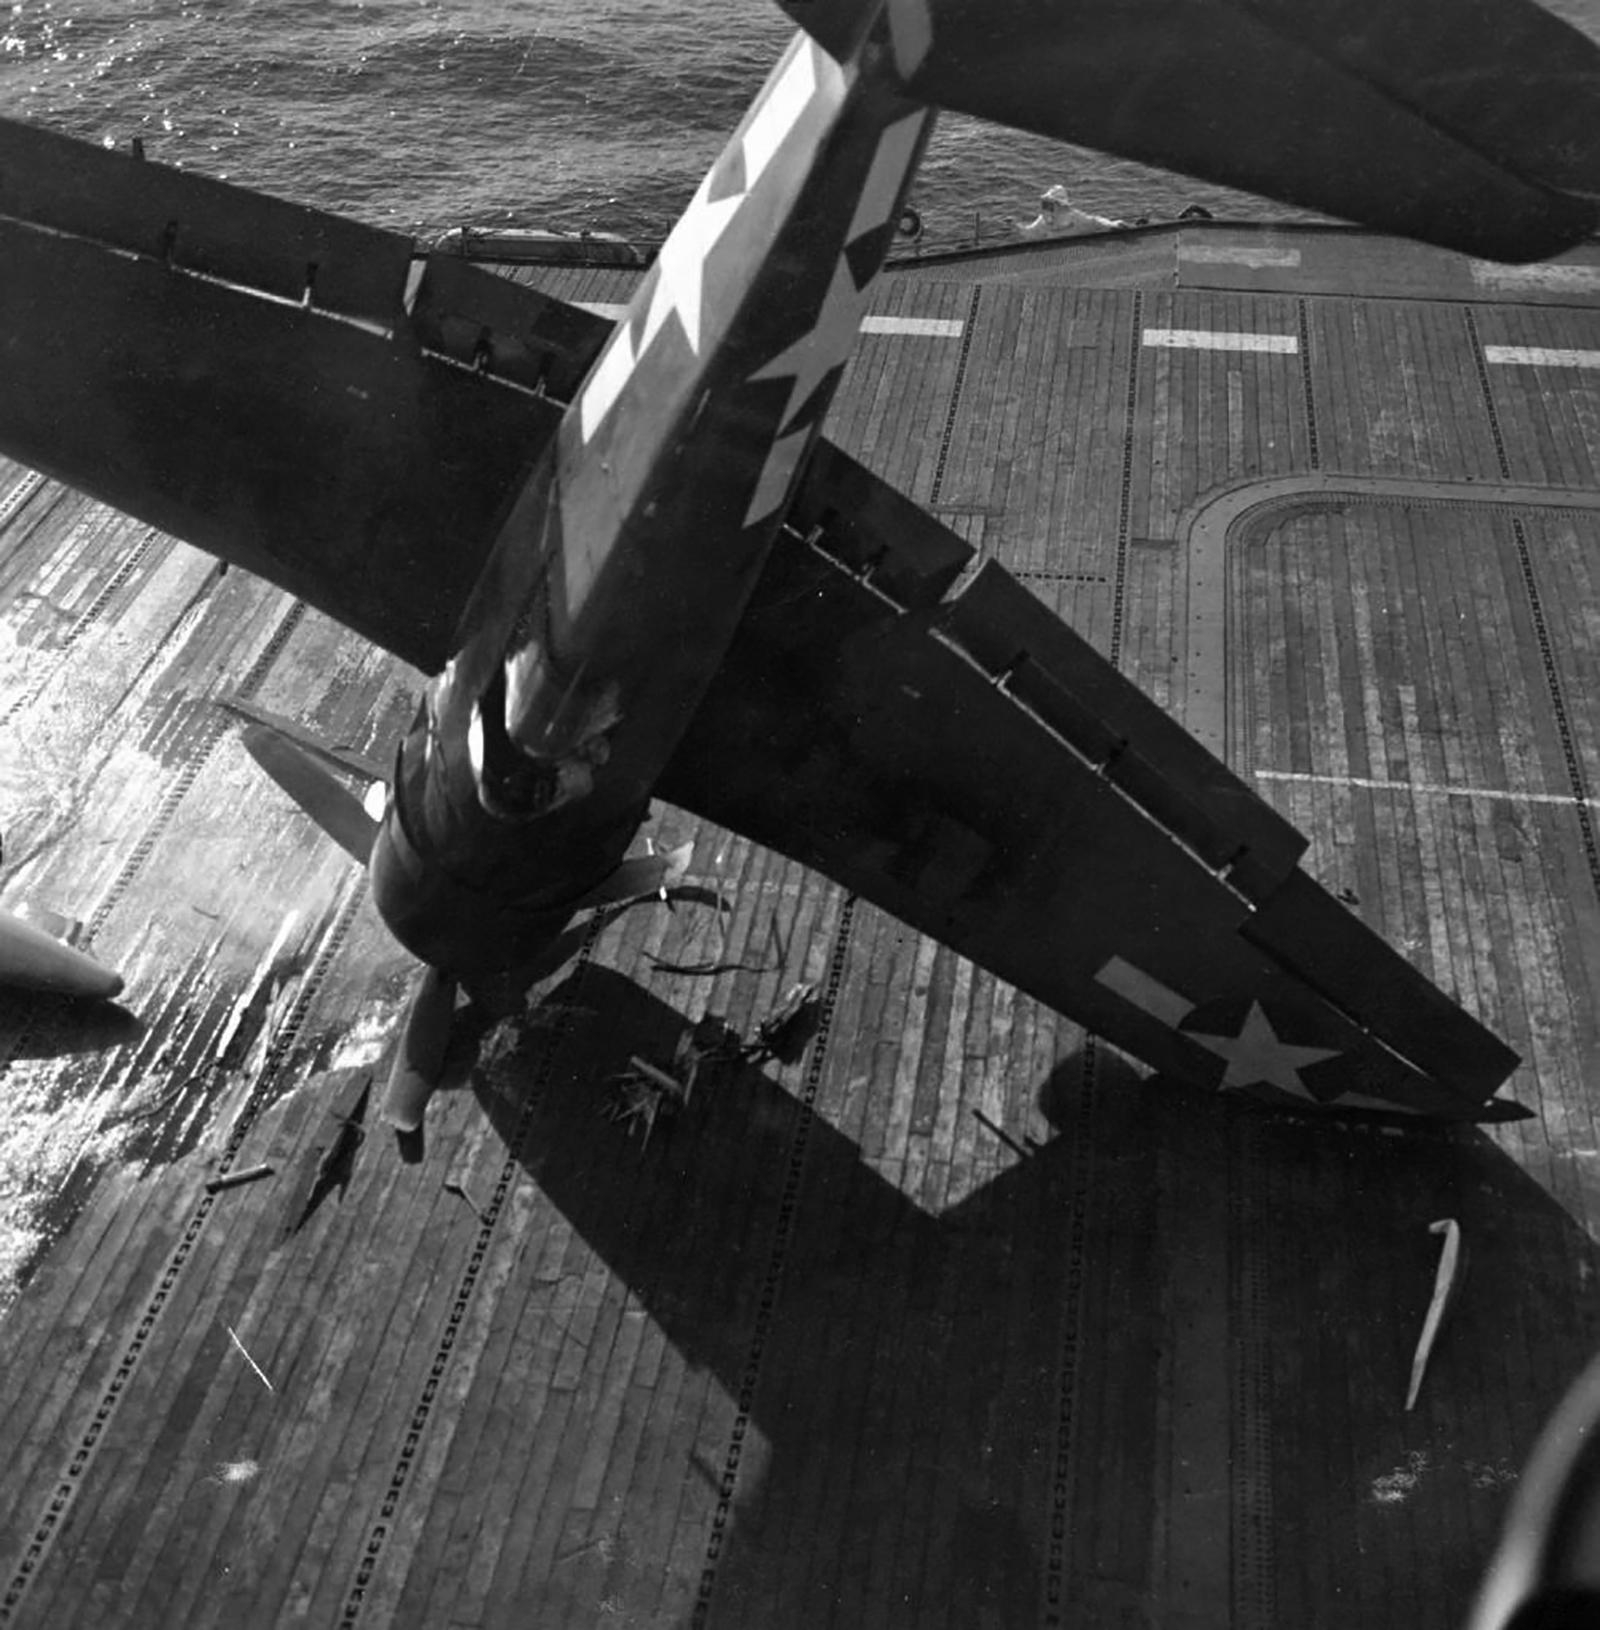 Grumman F6F 5 Hellcat VF 21 landing mishap CVL 24 USS Belleau Wood 1944 01